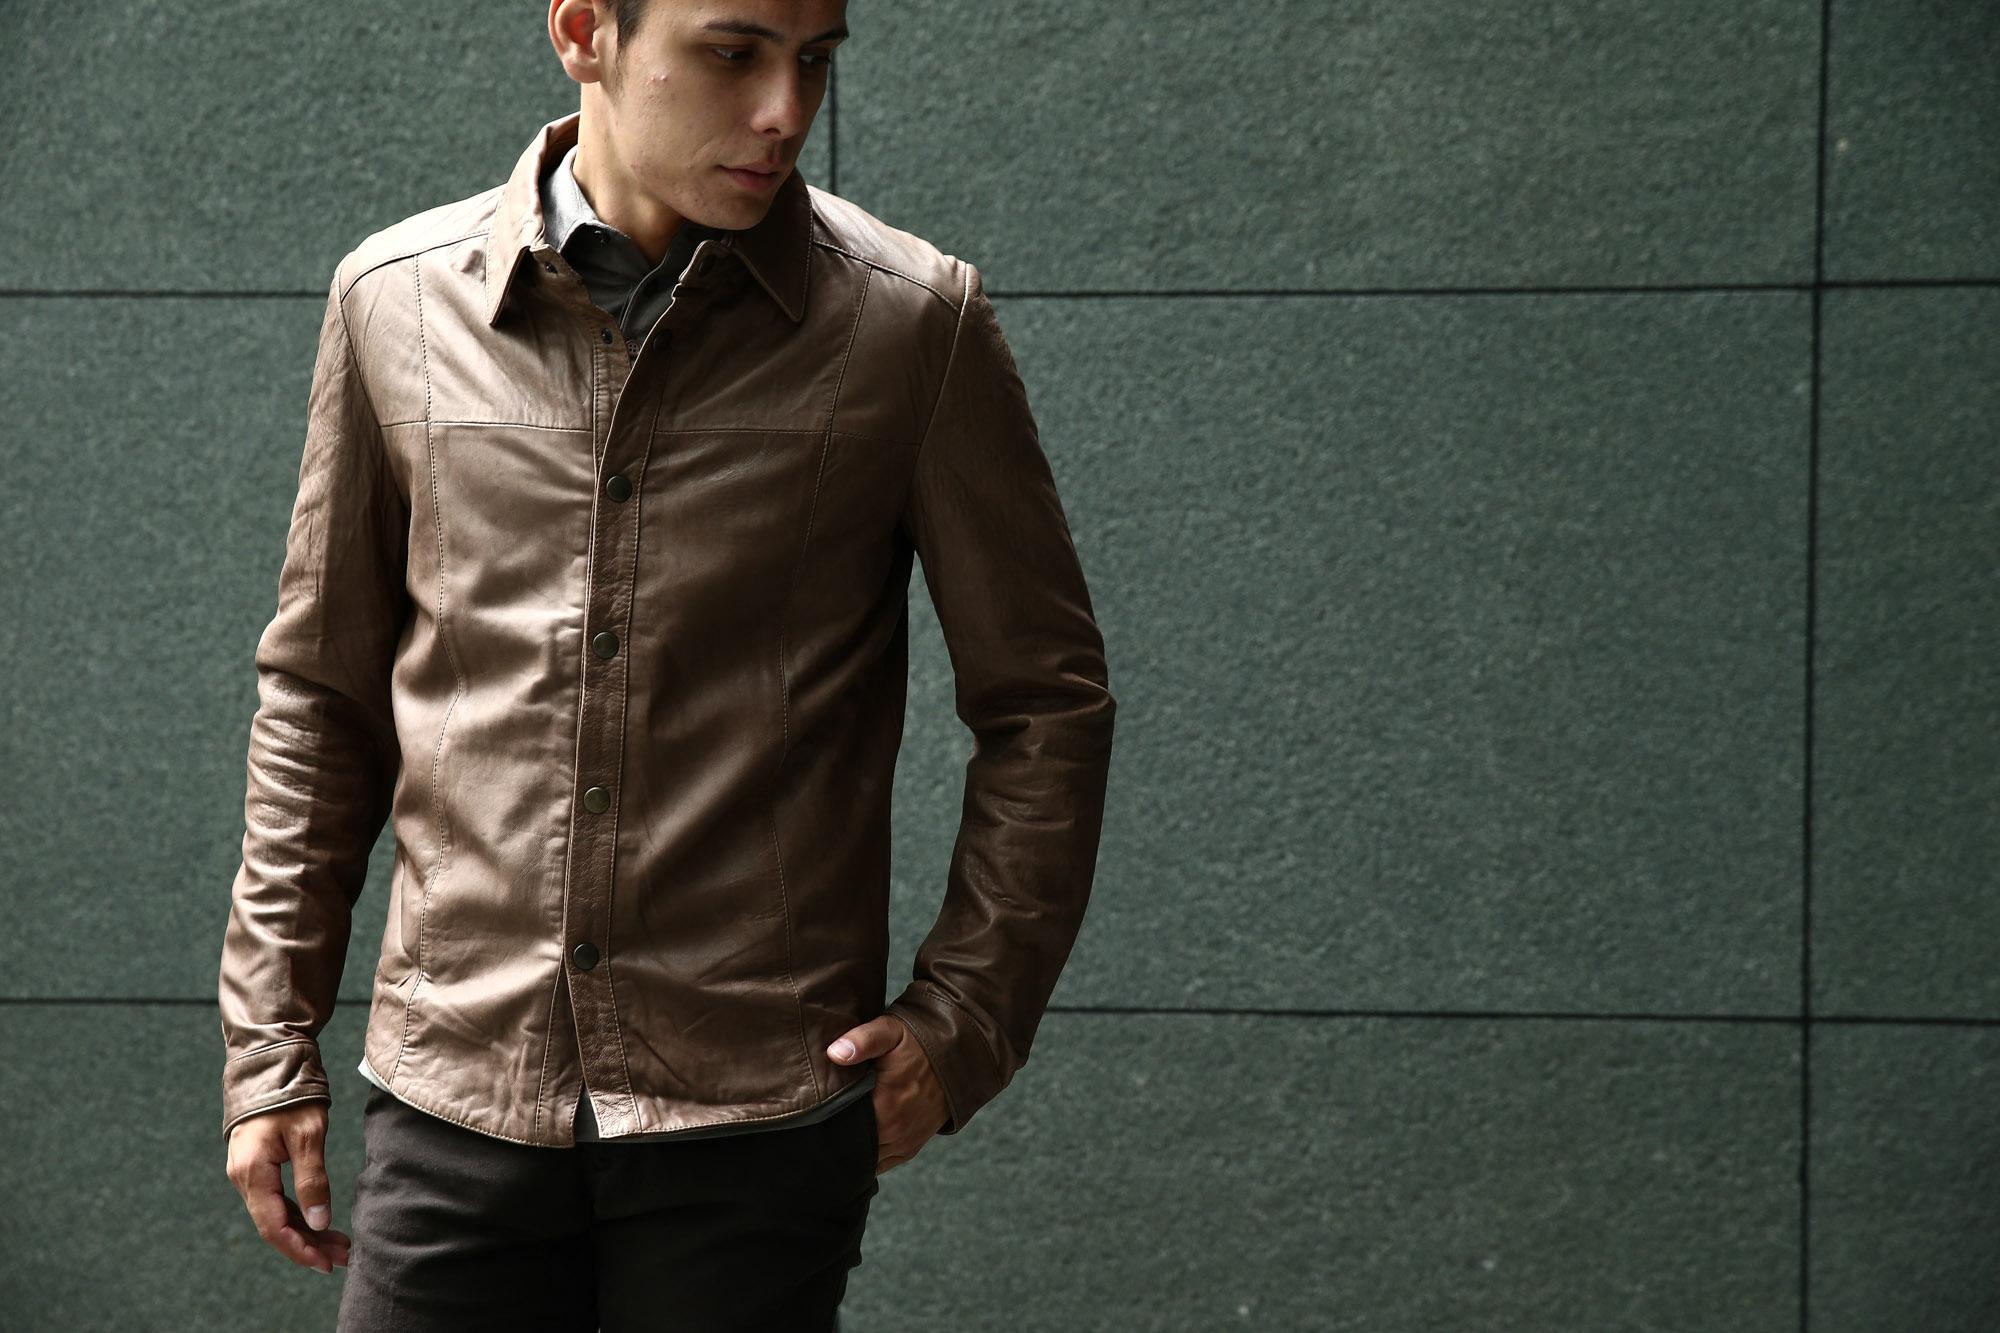 Radice(ラディーチェ) 1009 CmicaLamb Napa Leather ラムナッパレザー レザーシャツ TABACCO(タバコ) のコーディネート画像。